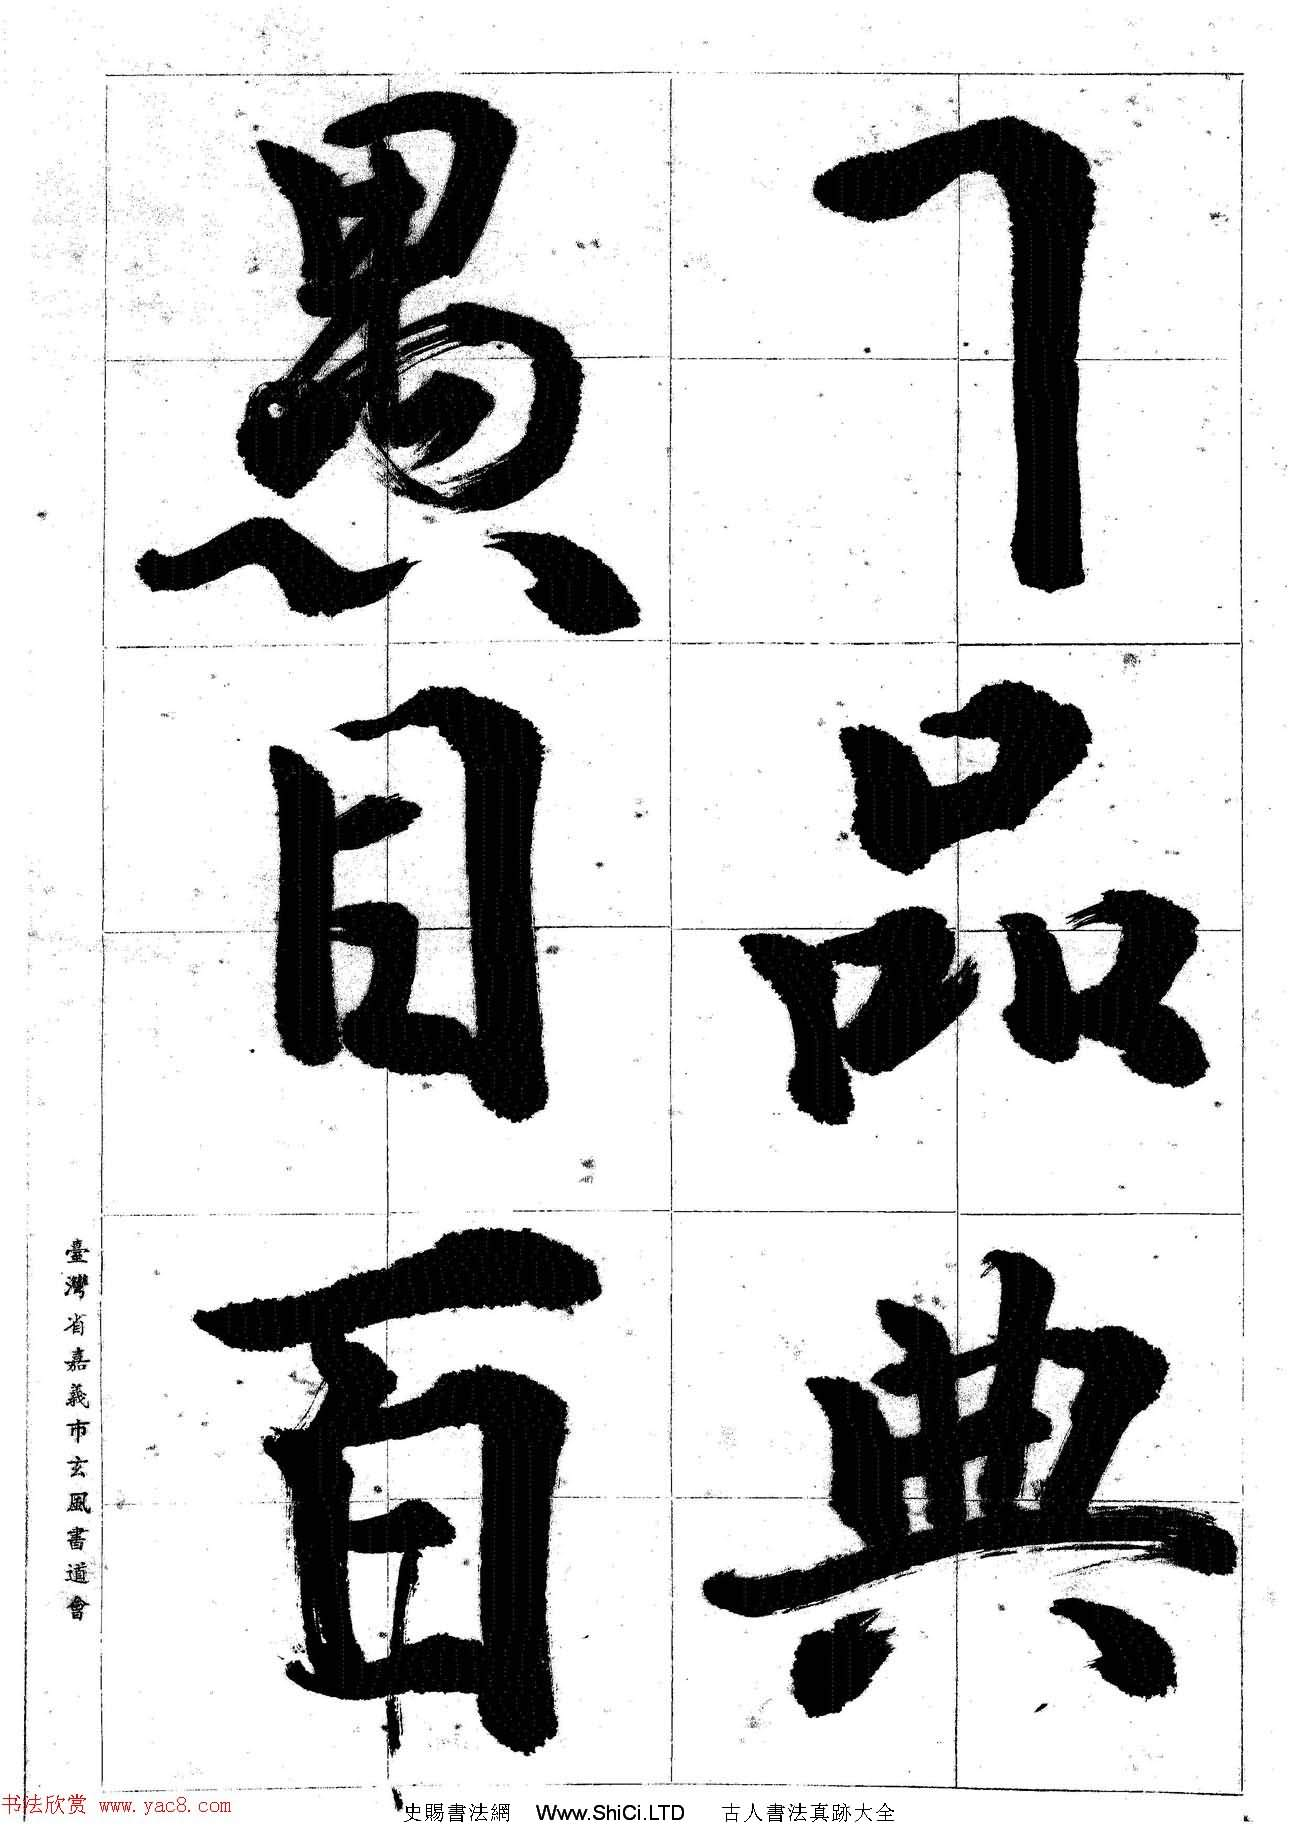 台灣陳丁奇毛筆行書基本運筆法